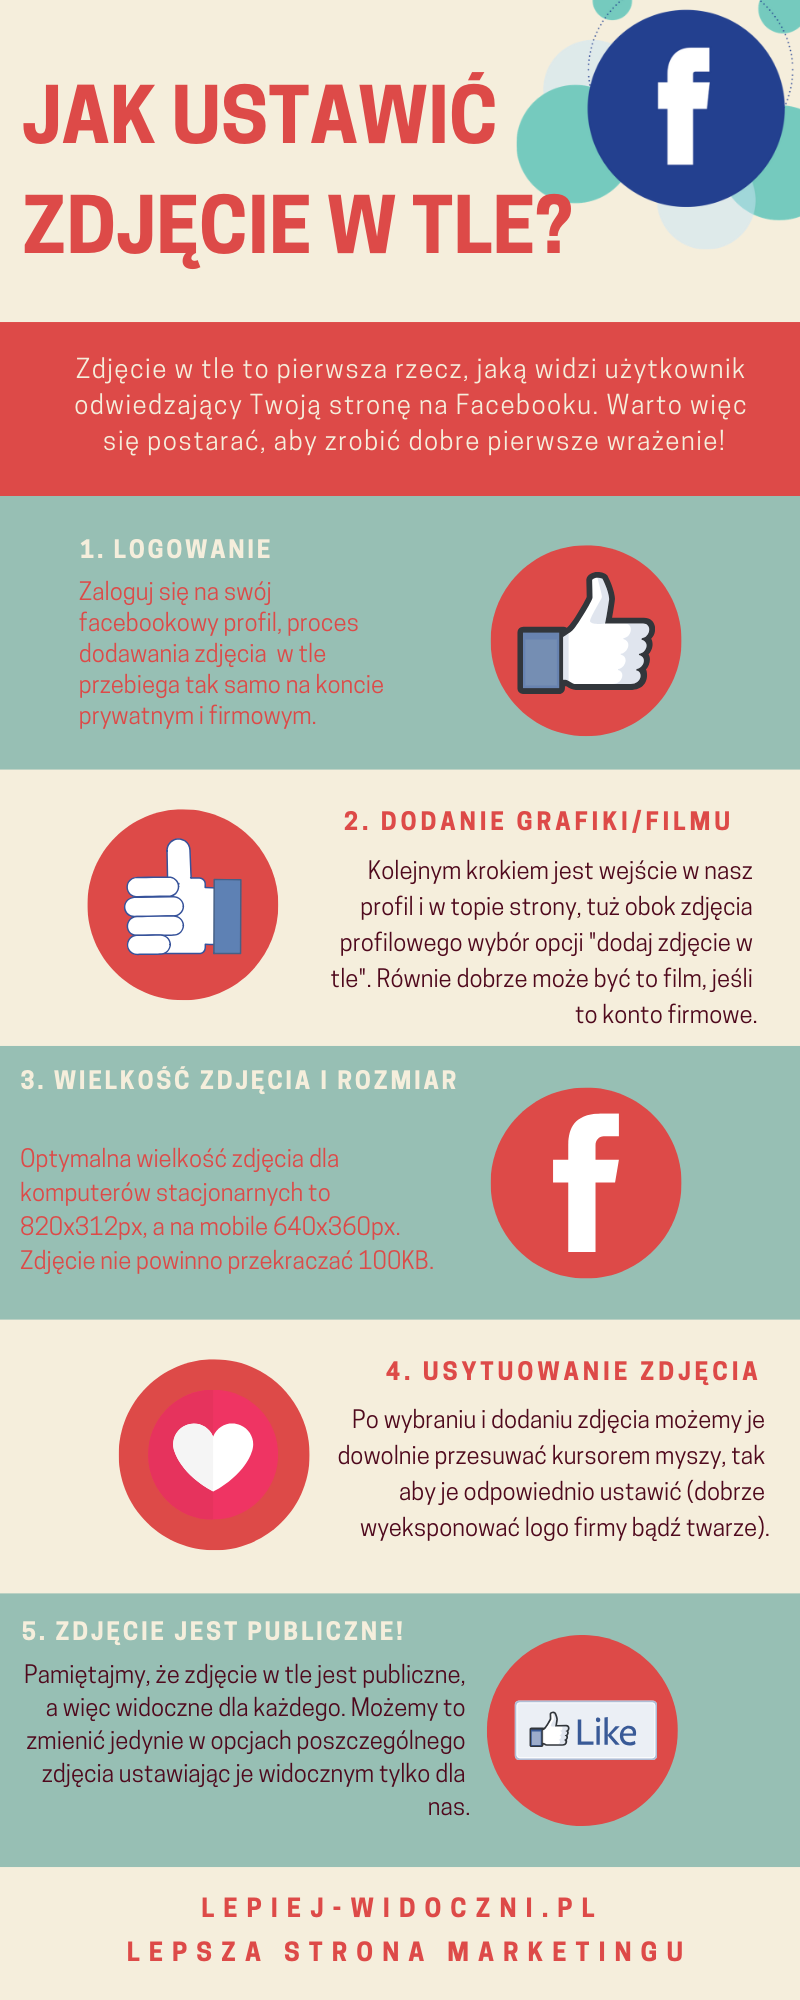 Jak ustawić zdjęcie w tle FB